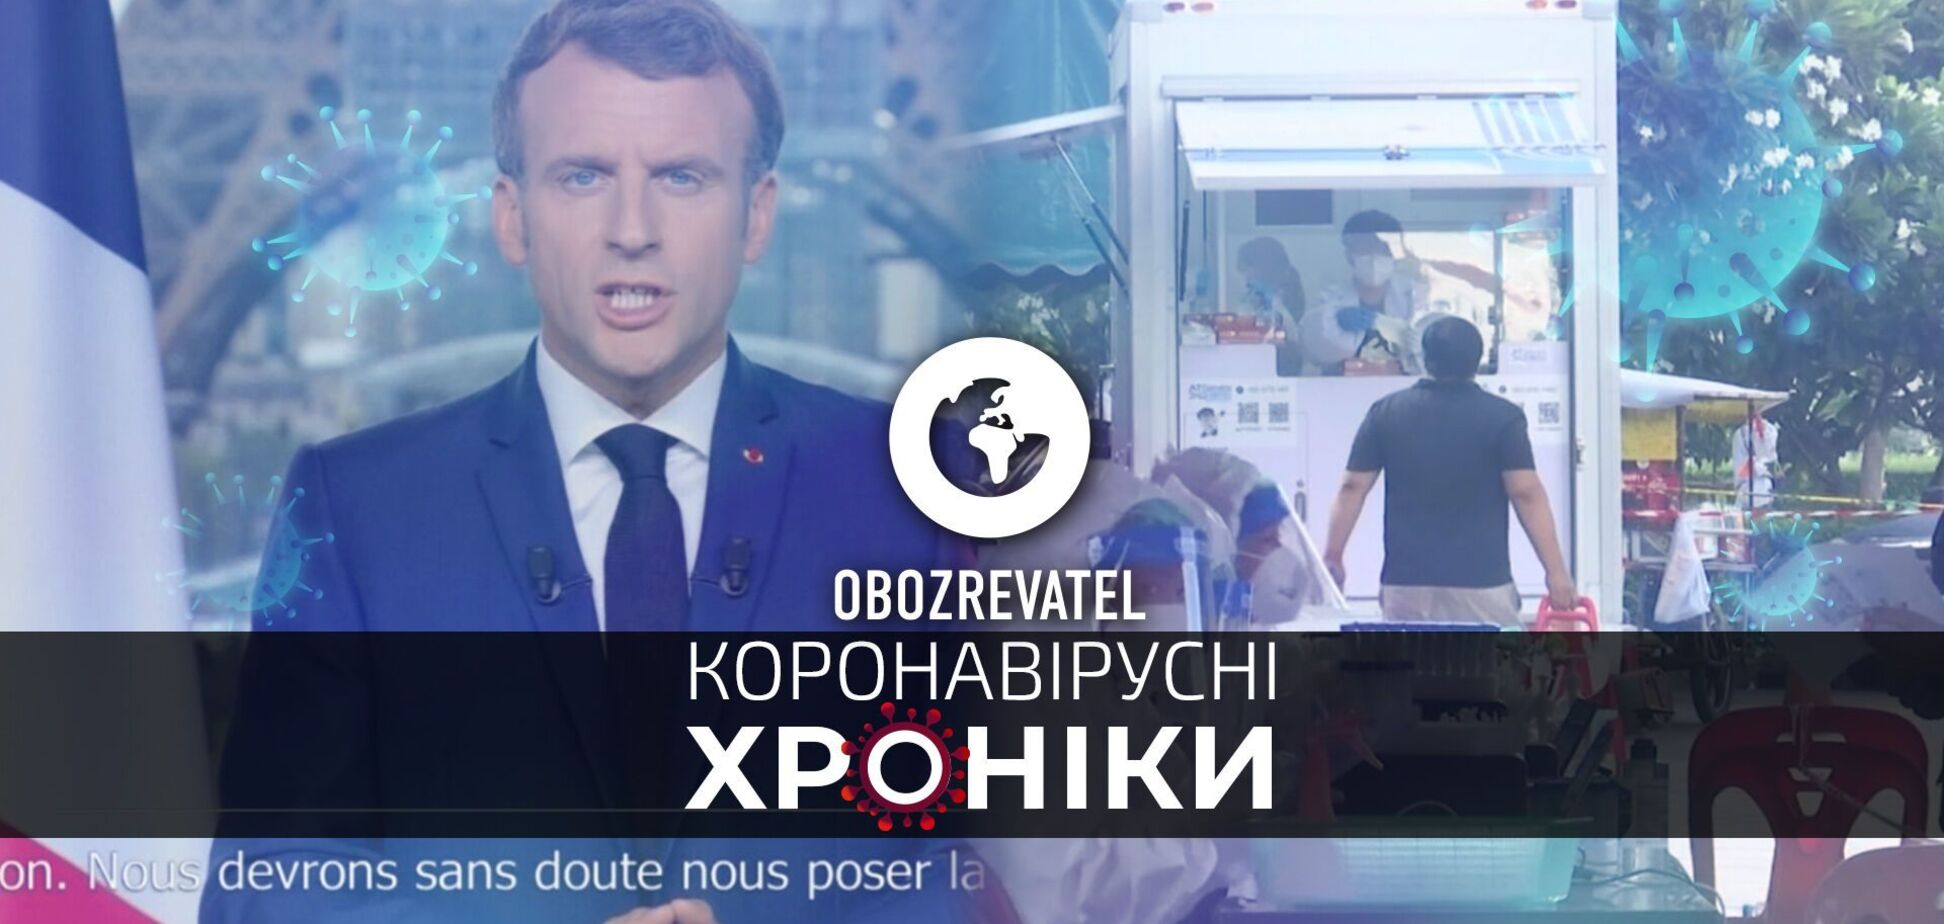 Невакциновані громадяни Франції та Греції можуть залишитися без роботи і зарплати – коронавірусні хроніки